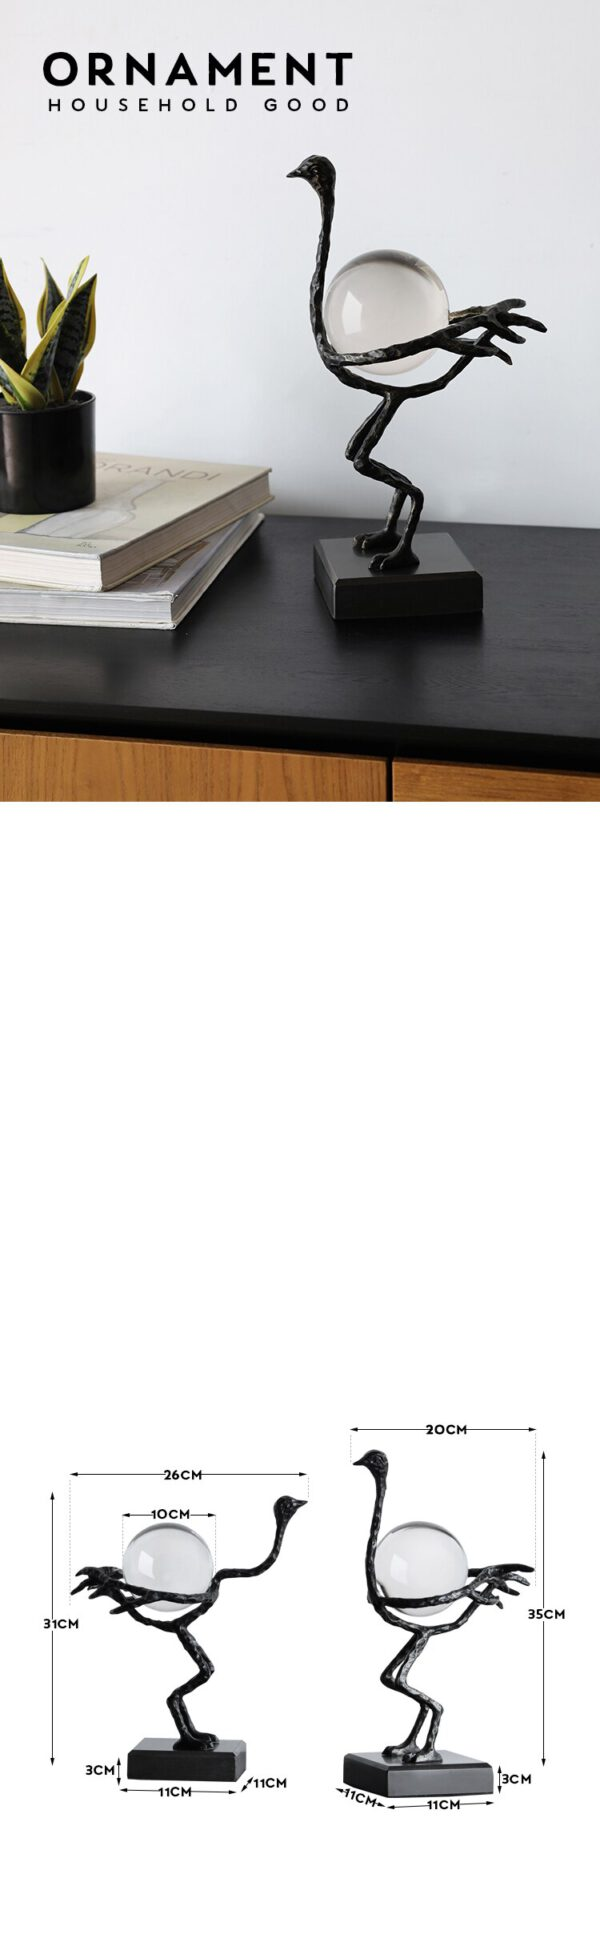 اكسسوار بطة كرة الكريستال السوداء اكسسوارات منزلية